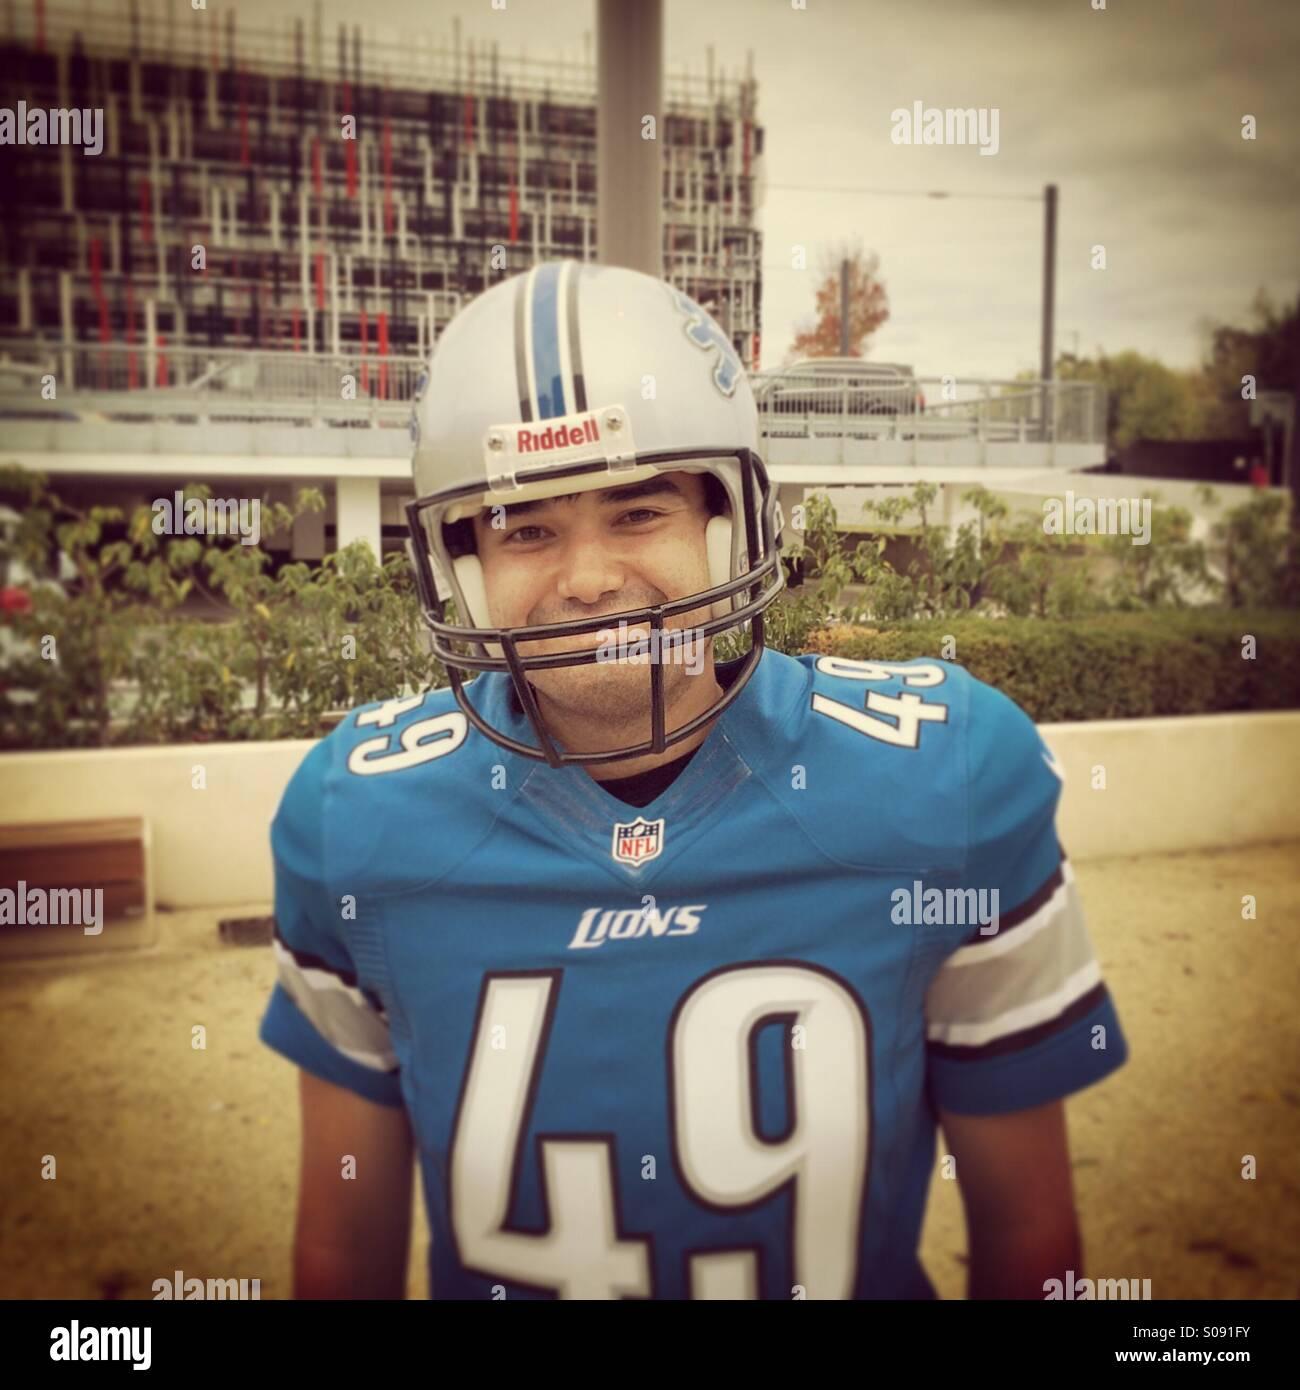 newest 8c7f8 f7e46 Detroit Lions NFL fan in full kit outside London Wembley ...